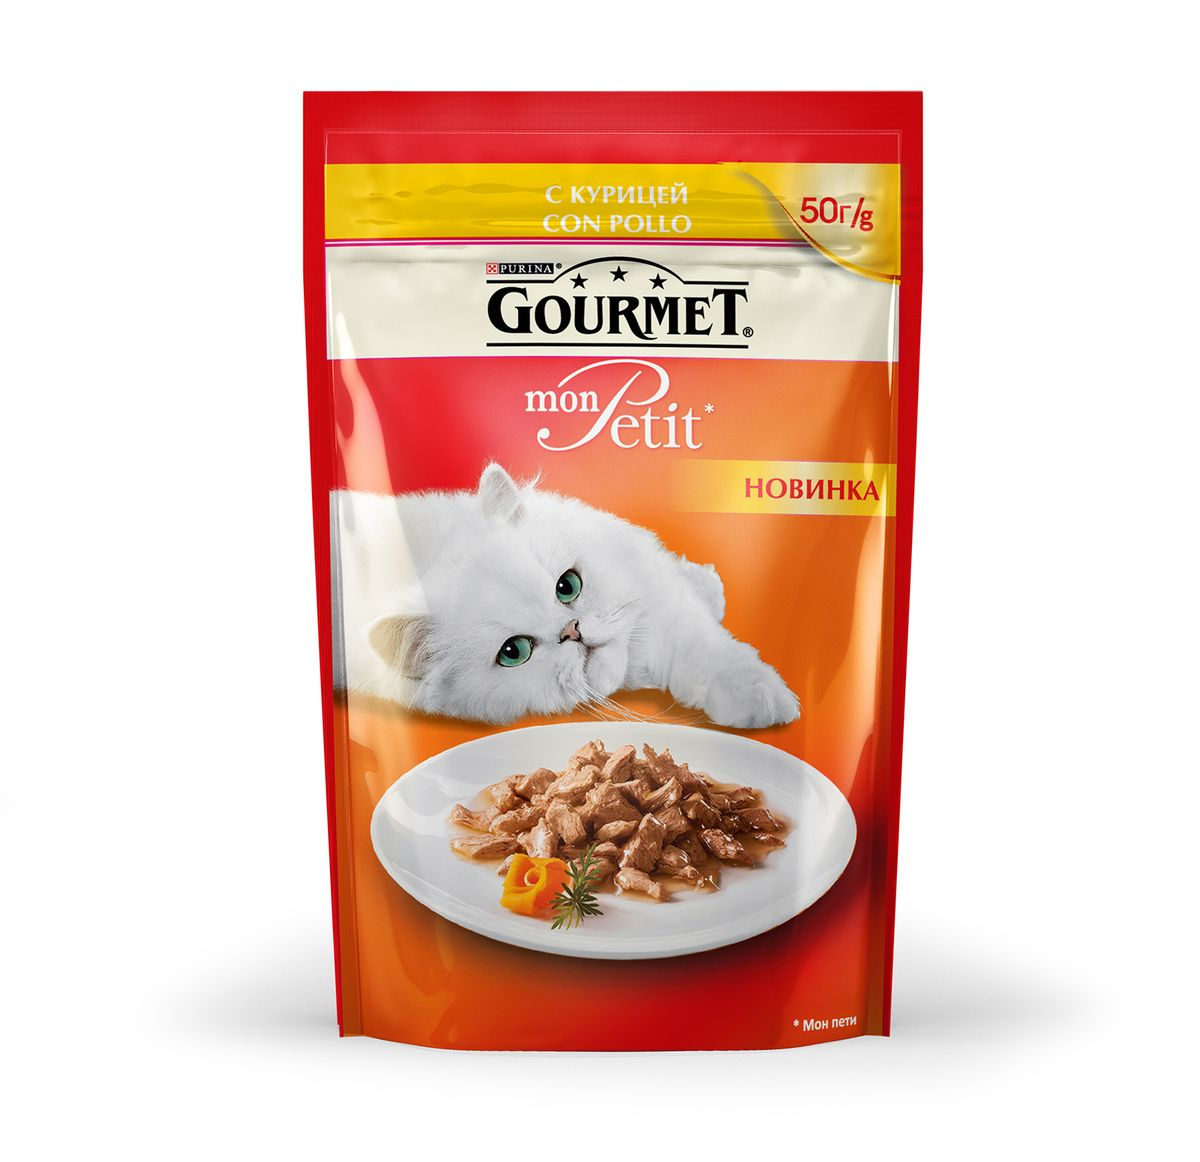 Консервы Gourmet Mon Petit, для взрослых кошек, с курицей, 50 г12287007Настоящие гурманы знают, что ничто не сравнится с восхитительным вкусом только что приготовленного блюда. Именно тогда изысканное сочетаниепревосходных ингредиентов раскрывается наиболее ярко. Ваши питомцы достойны вкусного питания - аппетитного обеда из нежнейших кусочков мяса из только что открытого пакетика. Особый формат упаковкиGourmet Mon Petit (50 г) удобен тем, что содержит порцию оптимального размера. Это позволяет вашему пушистому гурману доесть все сразу допоследнего кусочка, наслаждаясь пиком вкуса великолепного продукта. Больше не придется хранить остатки в холодильнике и на следующий деньуговаривать своего питомца все это съесть. Ведь он, как настоящий гурман, понимает, что вкусно только то, что сразу же оказывается у него на тарелке.Вы можете быть уверены - ваш гурман оценит изысканное сочетание высококачественных ингредиентов, бережно приготовленных в аппетитном соусе.Состав: мясо и продукты переработки мяса (в том числе курица 5%), экстракт растительного белка, рыба и продукты переработки рыбы, минеральныевещества, сахара, дрожжи, витамины. Добавленные вещества: витамин A 732 МЕ/кг; витамин D3 112 МЕ/кг; железо 8,4 мг/кг; йод 0,21 мг/кг; медь 0,73 мг/кг; марганец 1,6 мг/кг; цинк 15 мг/кг.Пищевая ценность в 100 г: влажность 81,4%, белок 12,3%, жир 2,8%, сырая зола 1,6%, сырая клетчатка 0,07%.Товар сертифицирован.